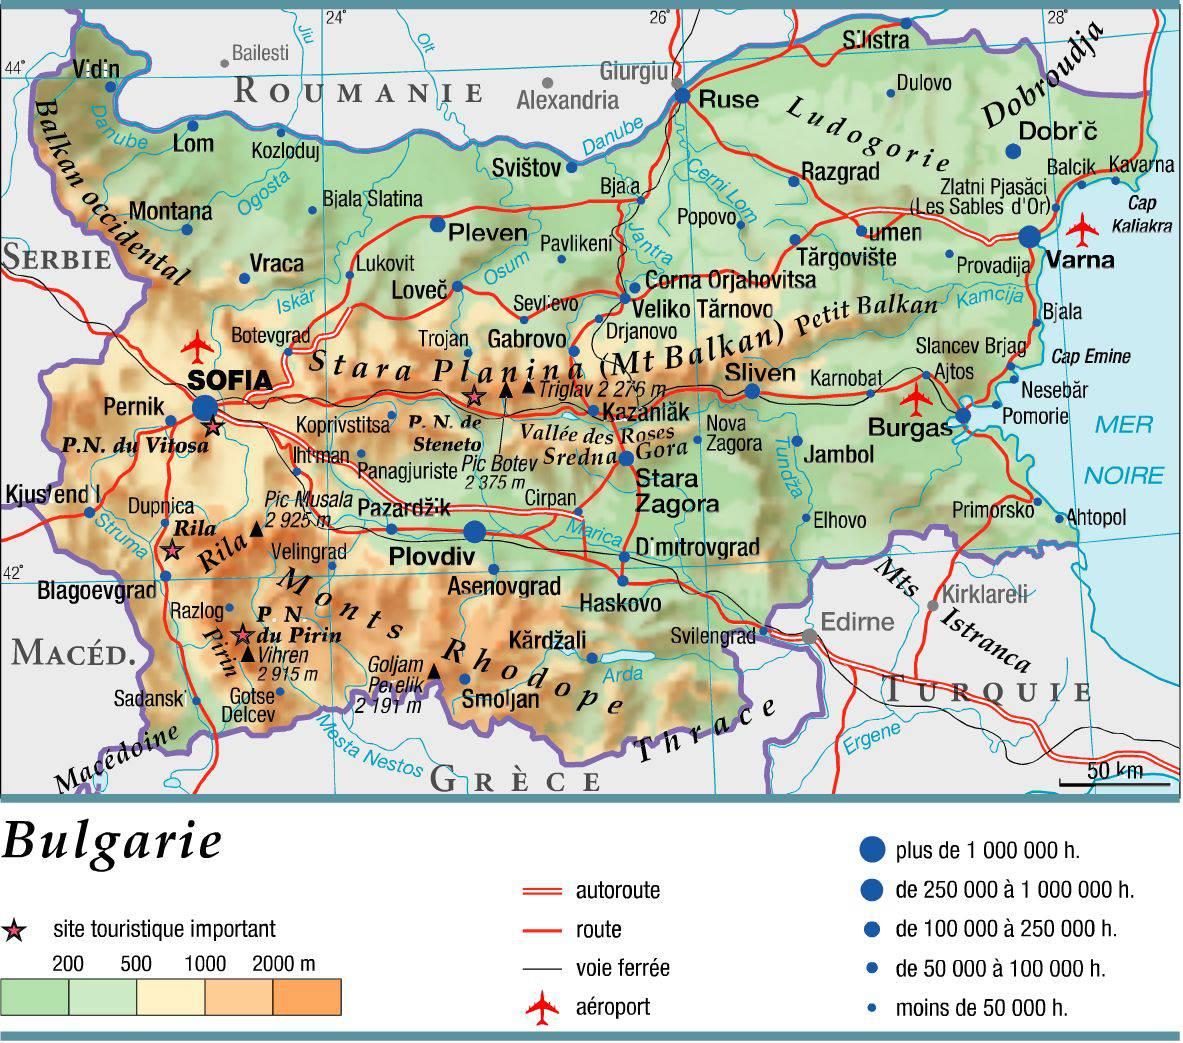 Carte de la Bulgarie   Les routes, villes, le relief, les régions